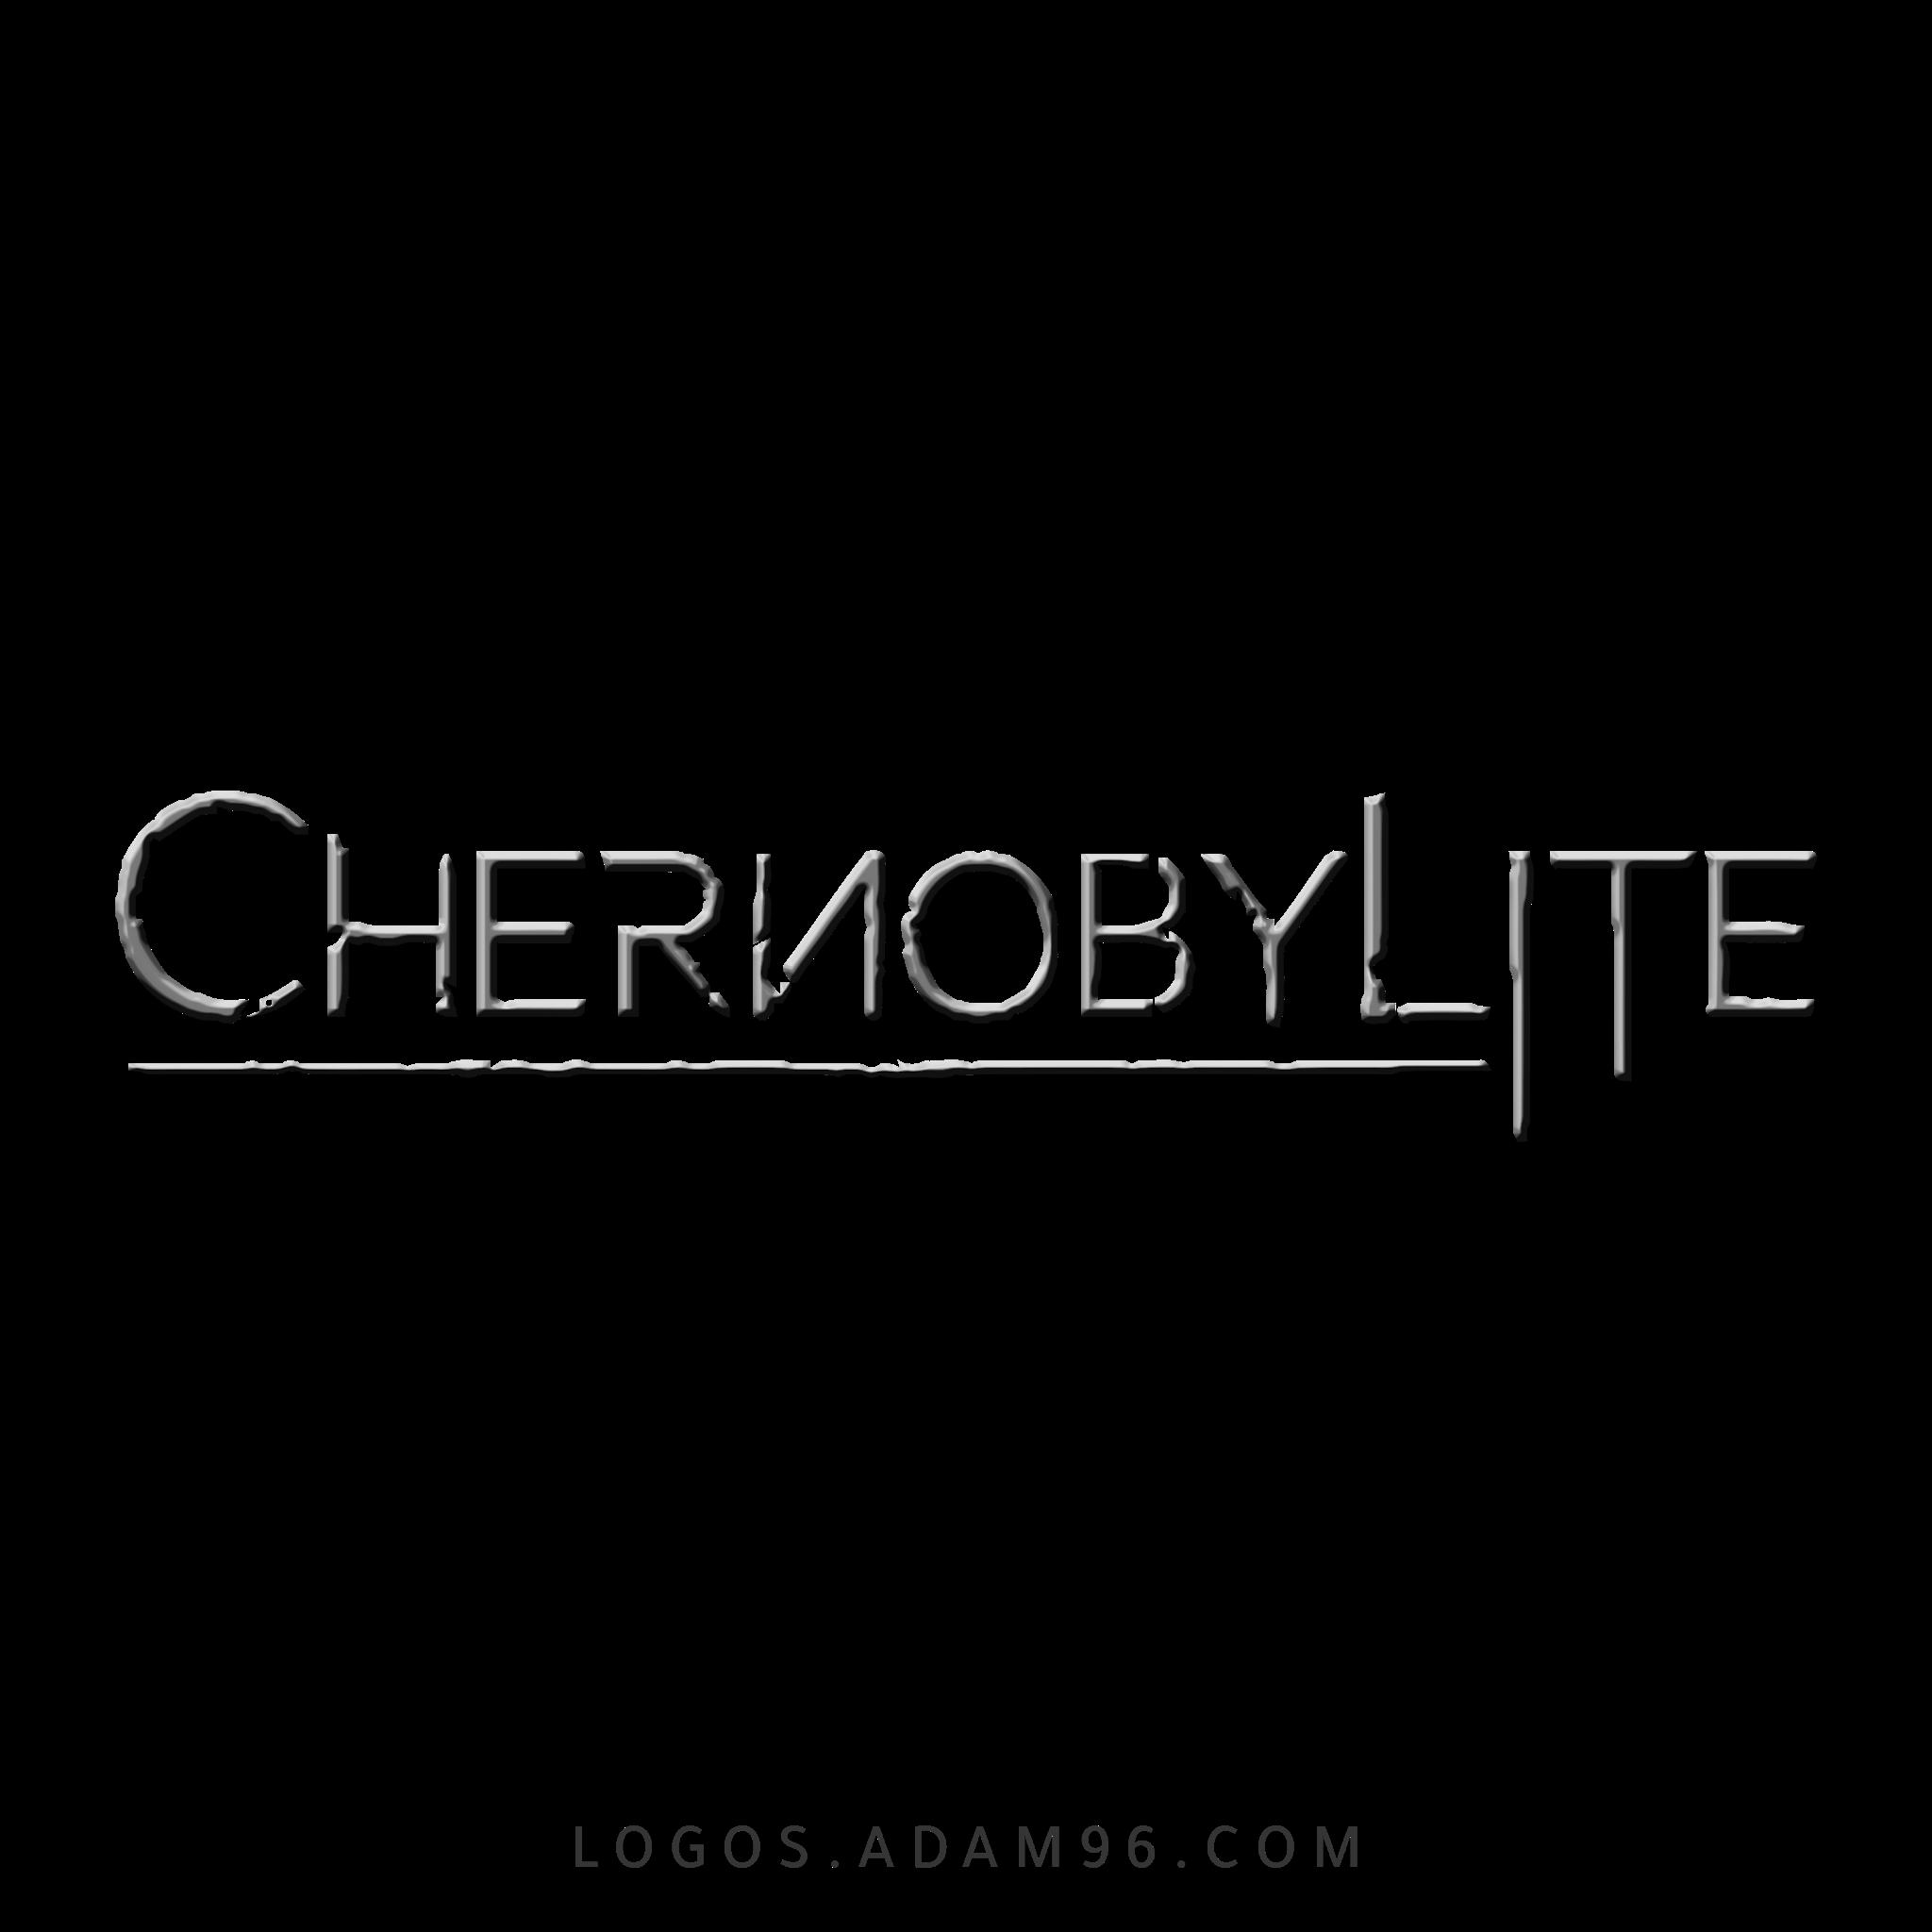 تحميل شعار لعبة الخيال العلمي Chernobylite لوجو عالي الدقة بصيغة PNG